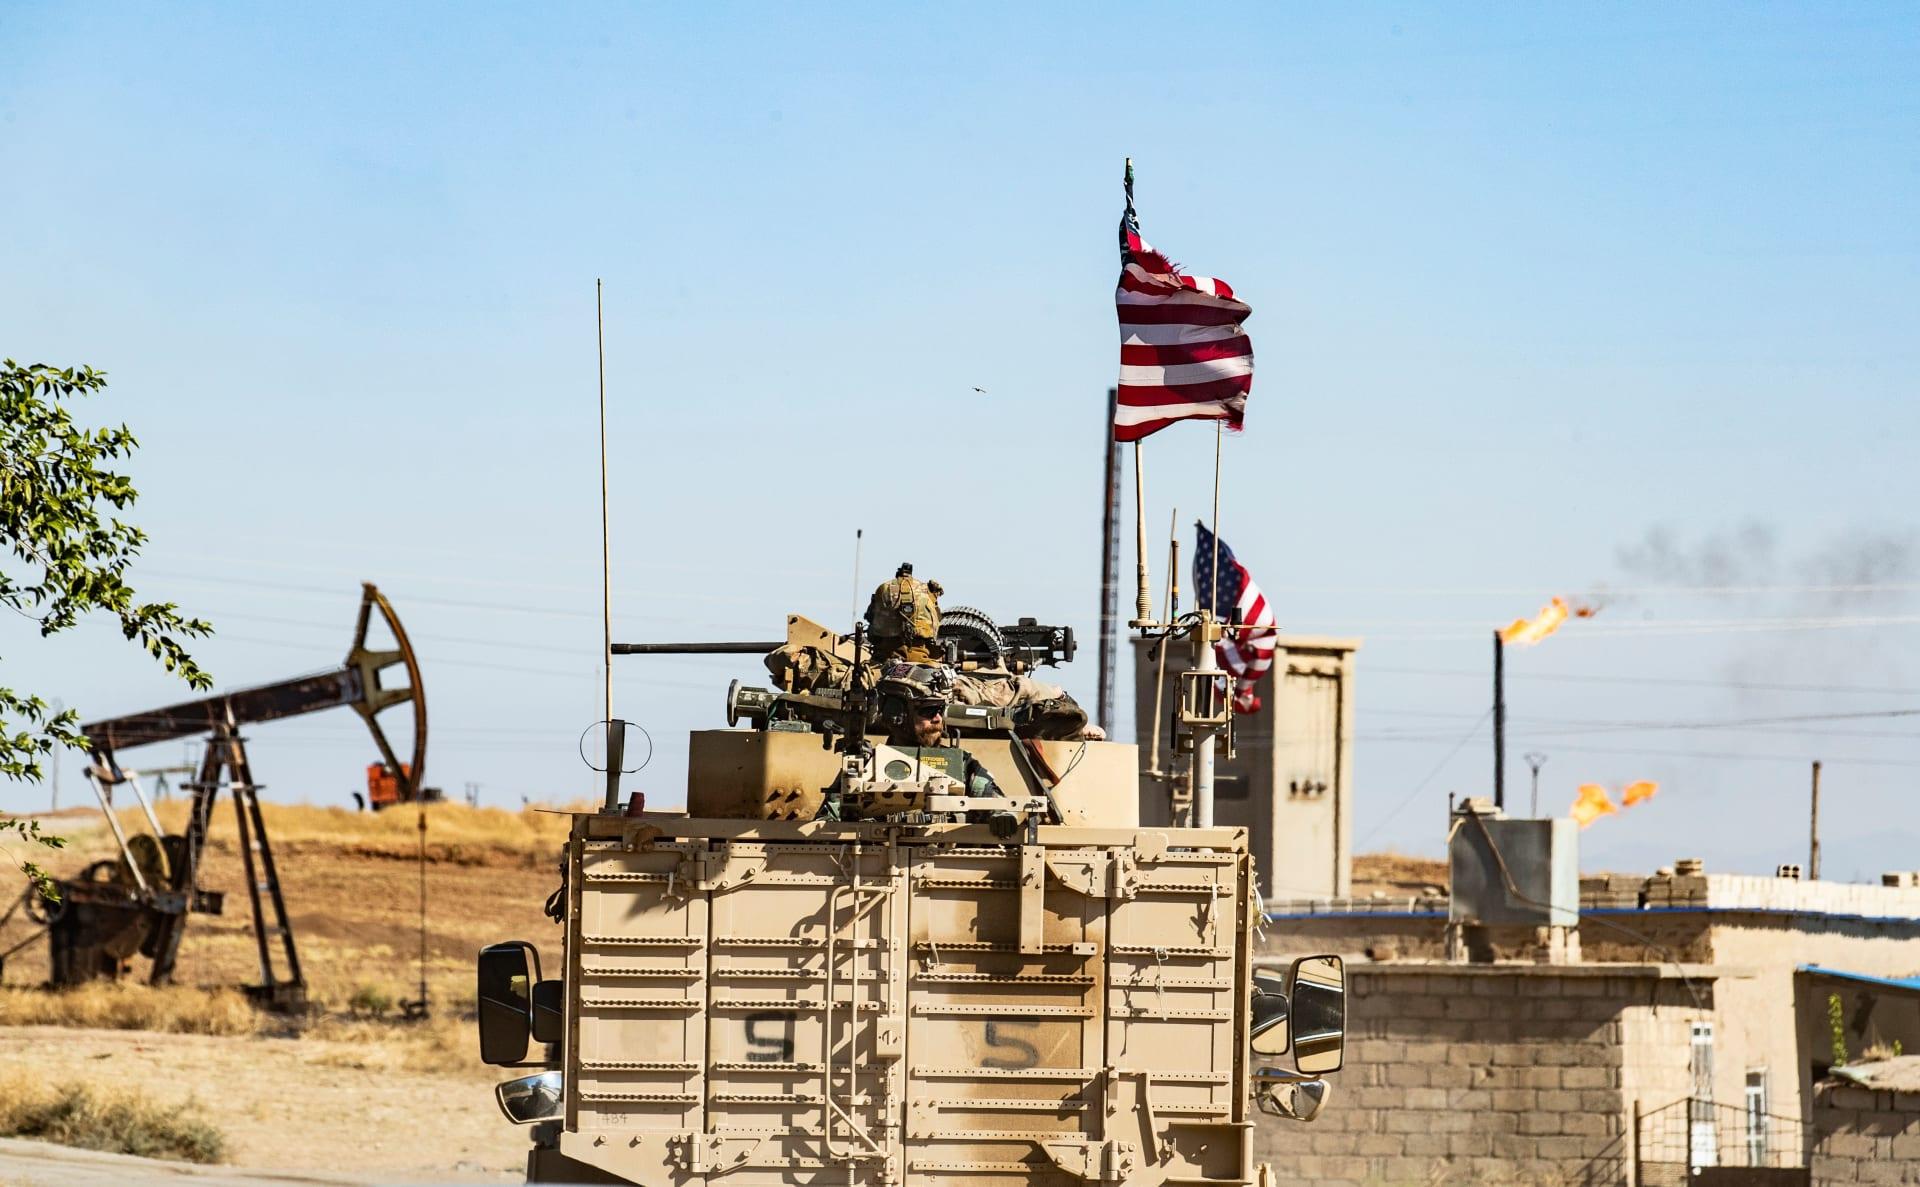 مصادر تكشف لـCNN تفاصيل العقد السري لشركة نفط أمريكية شمال سوريا.. ودور إدارة ترامب